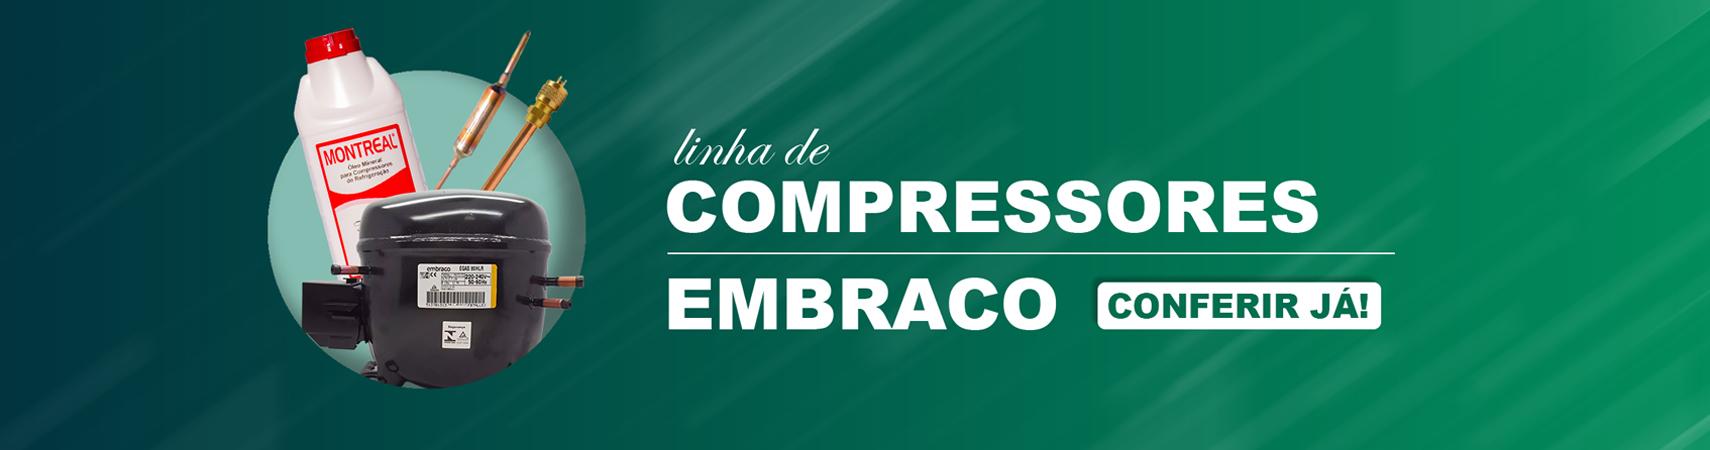 Linha de compressores